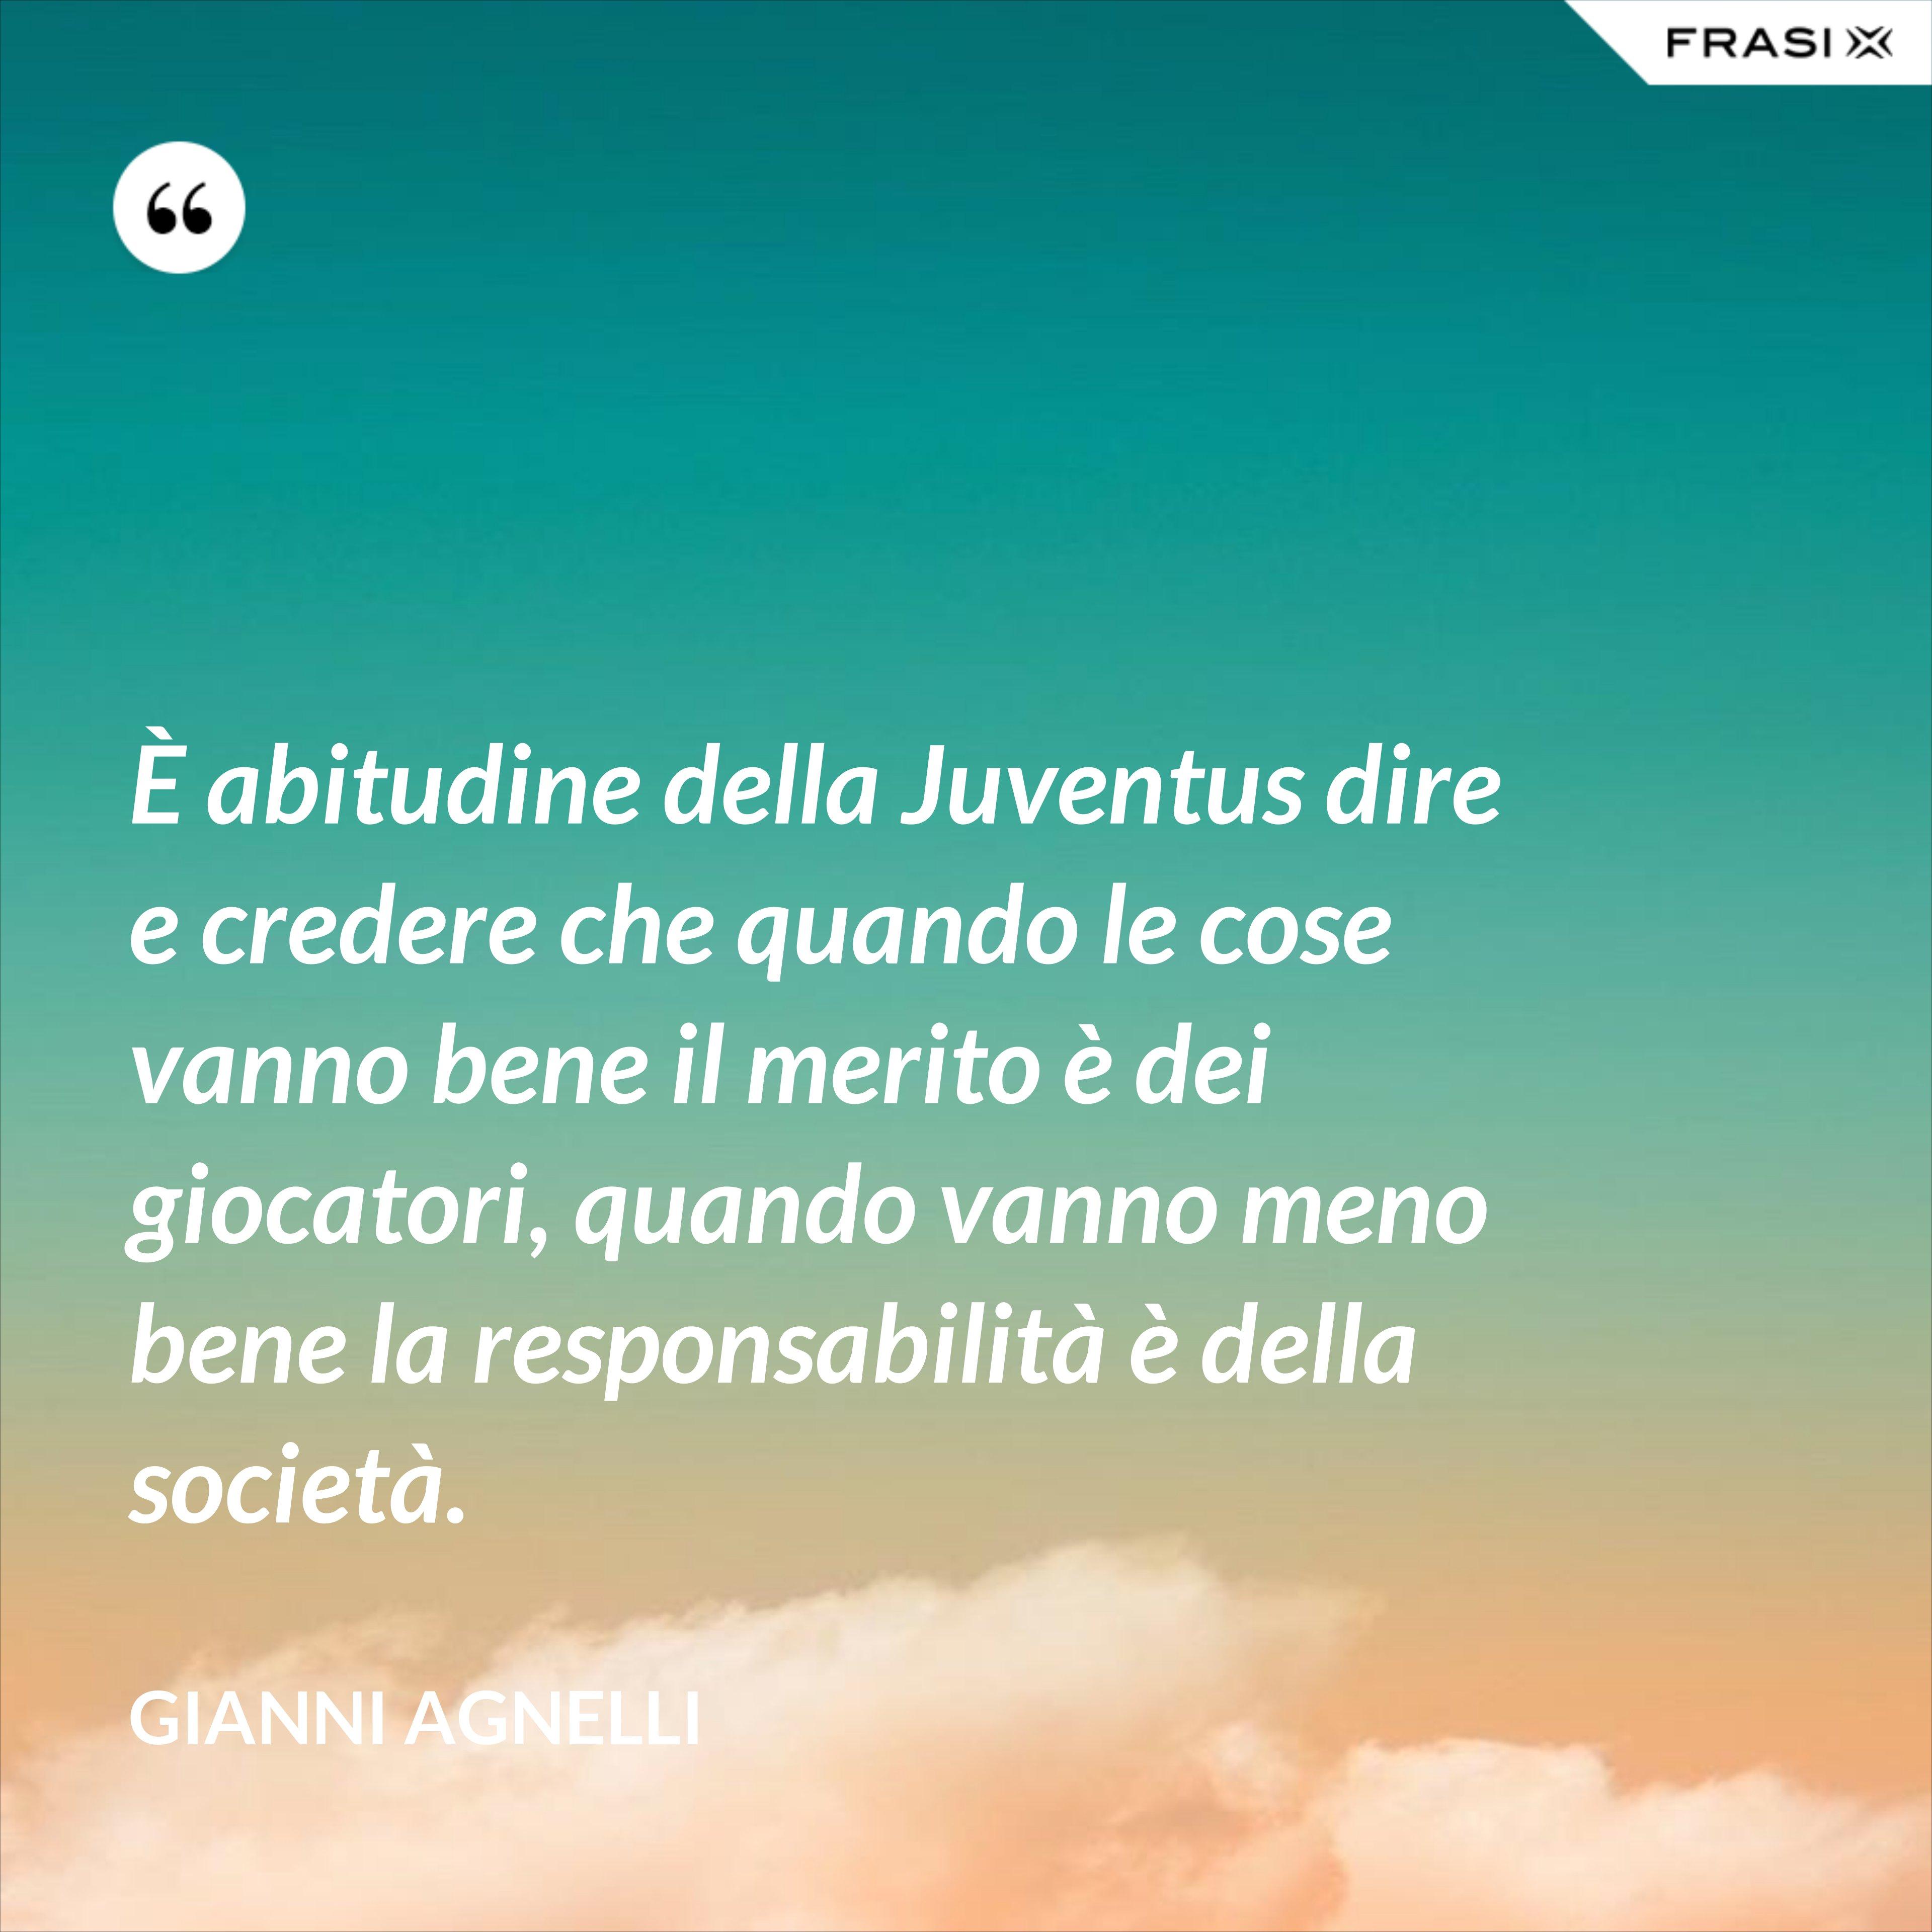 È abitudine della Juventus dire e credere che quando le cose vanno bene il merito è dei giocatori, quando vanno meno bene la responsabilità è della società. - Gianni Agnelli